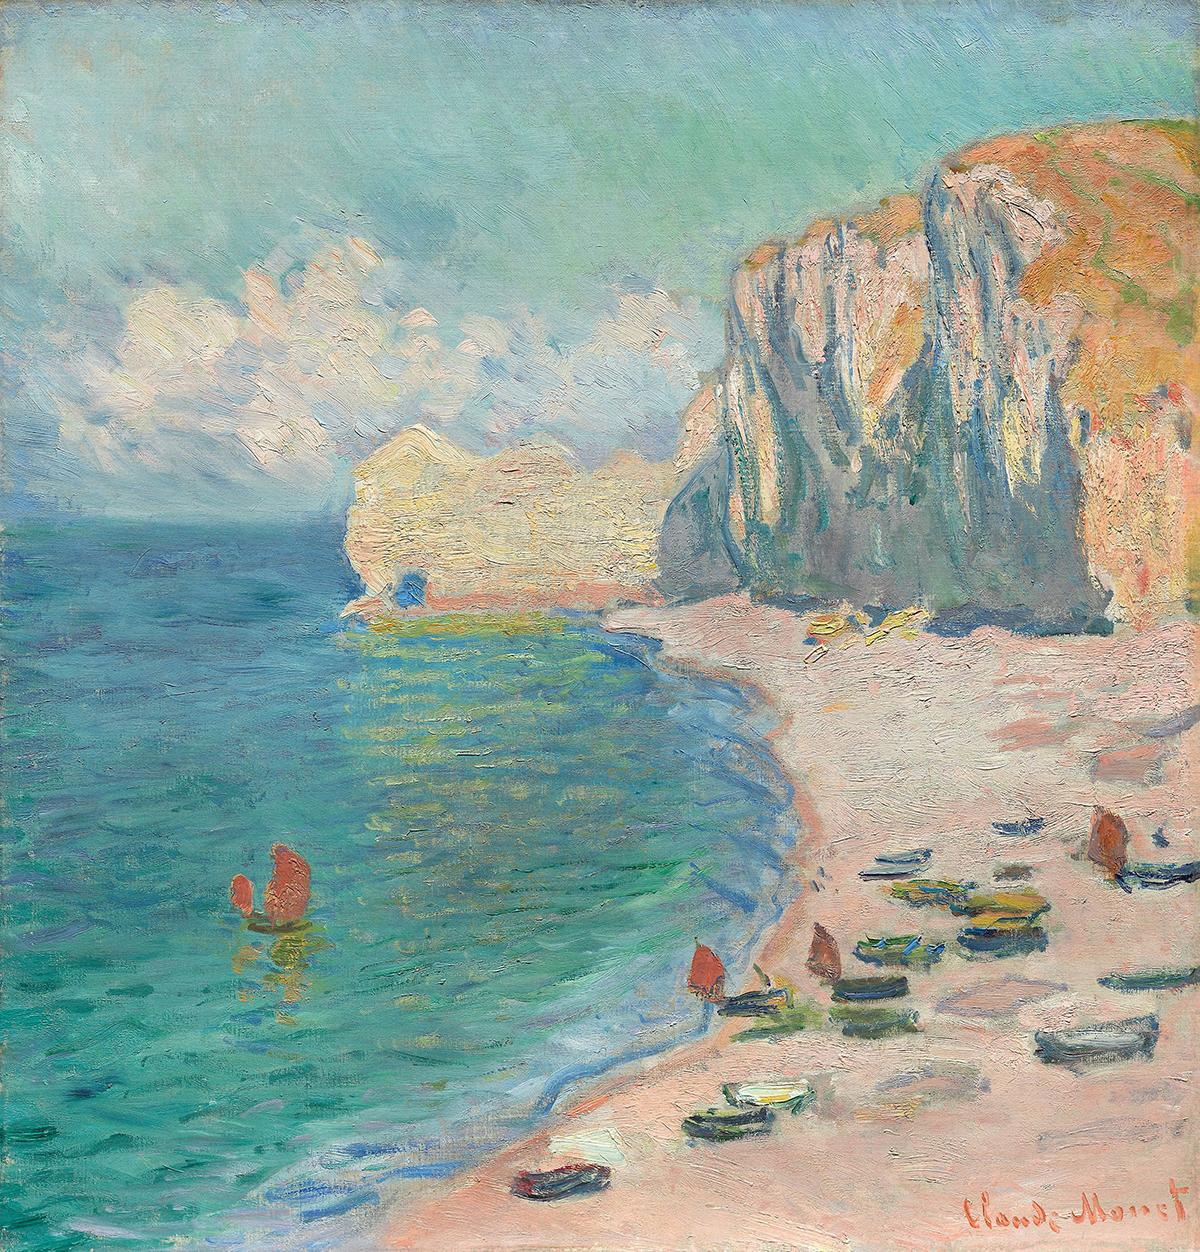 Claude Monet, Étretat: The Beach and the Falaise d'Amont, 1885